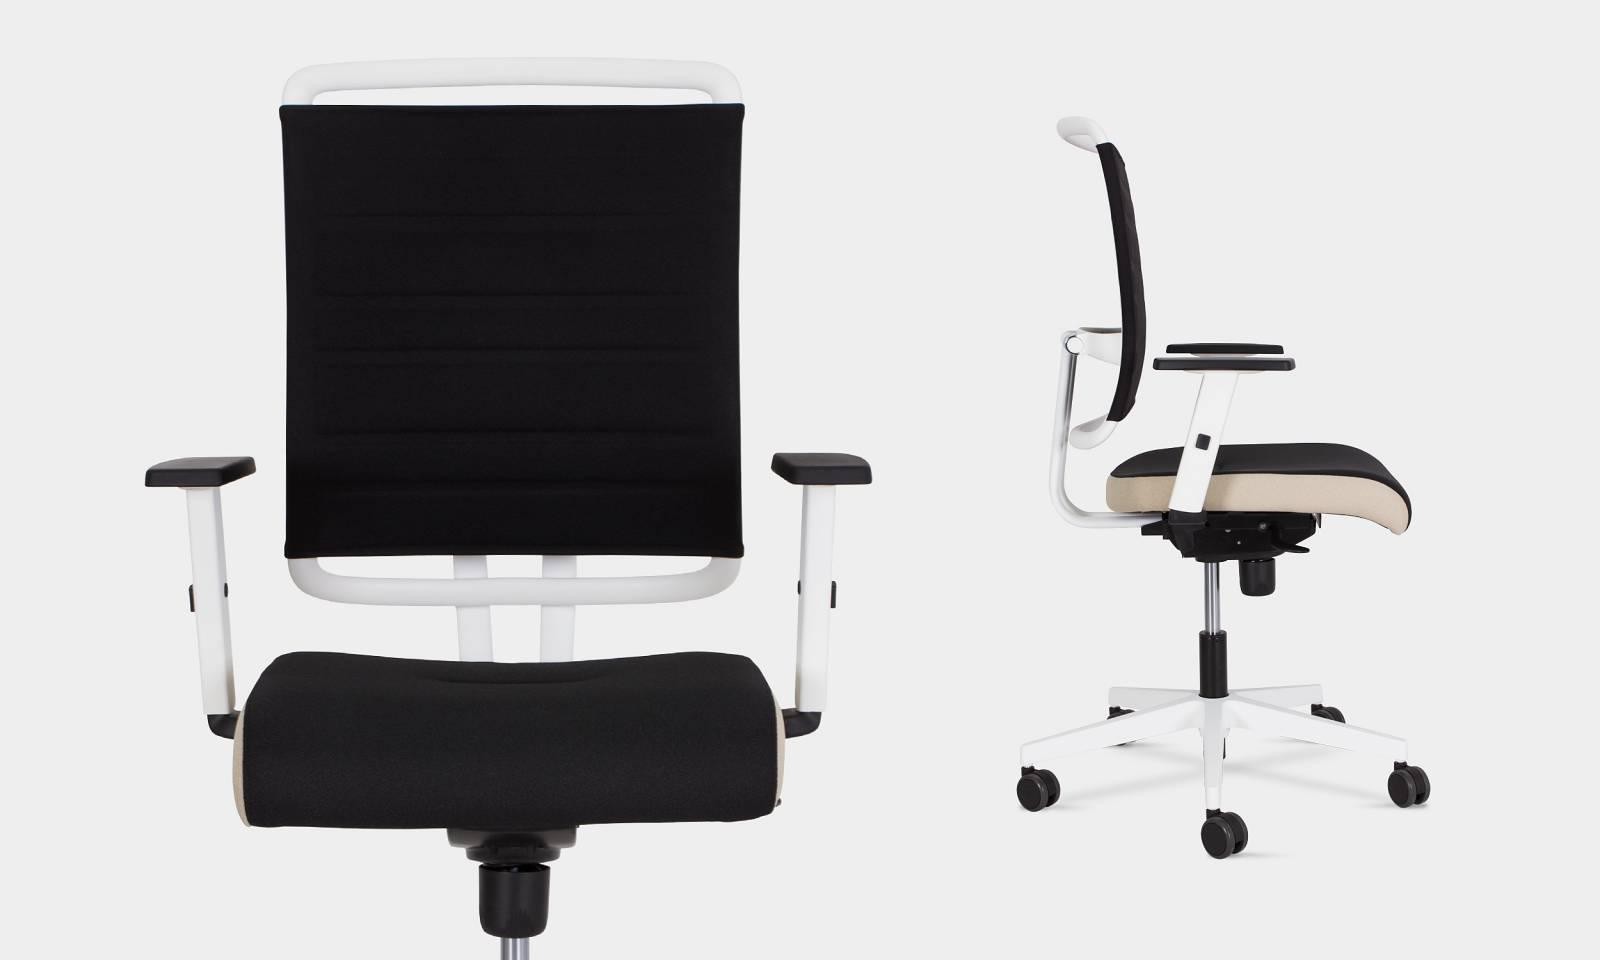 fauteuil de travail @SENSE dossier tapissé avec accoudoirs réglables sur TOULON